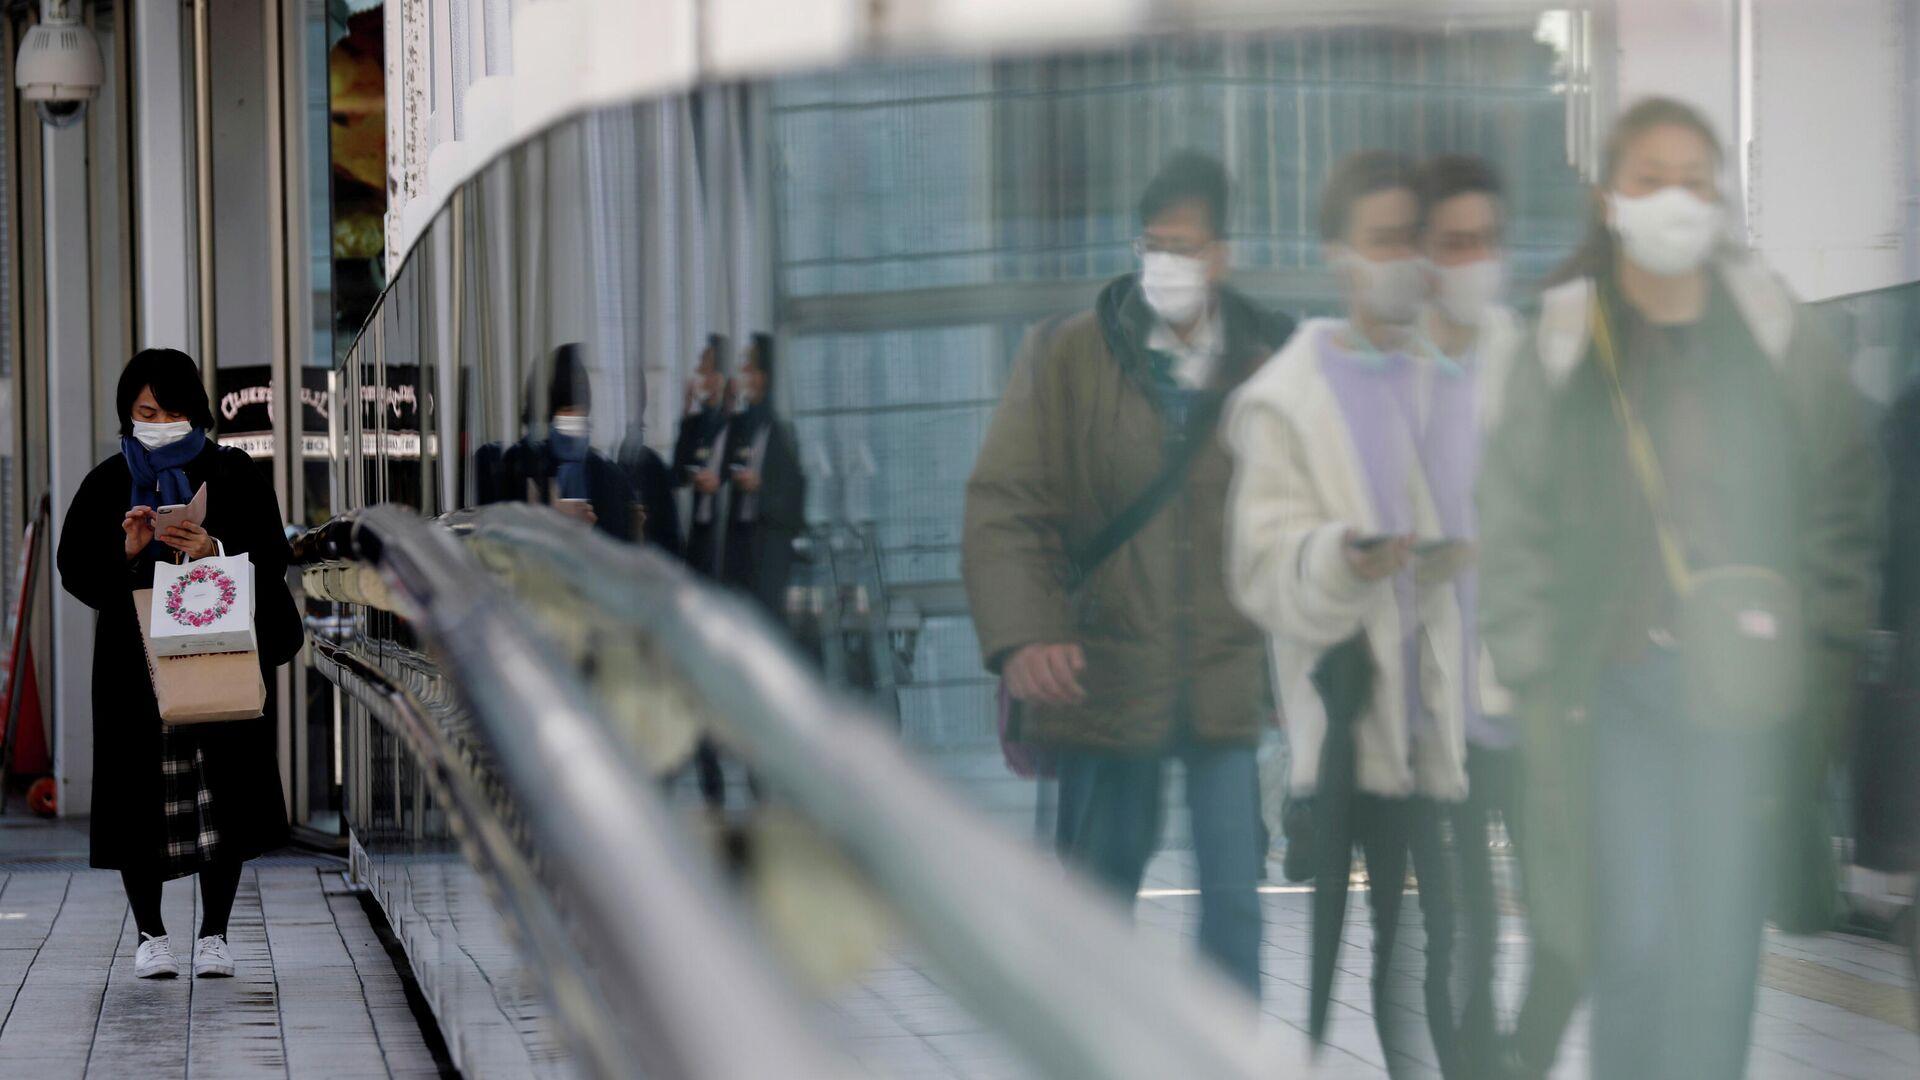 Прохожие в защитных масках на улице в Токио - РИА Новости, 1920, 05.03.2021